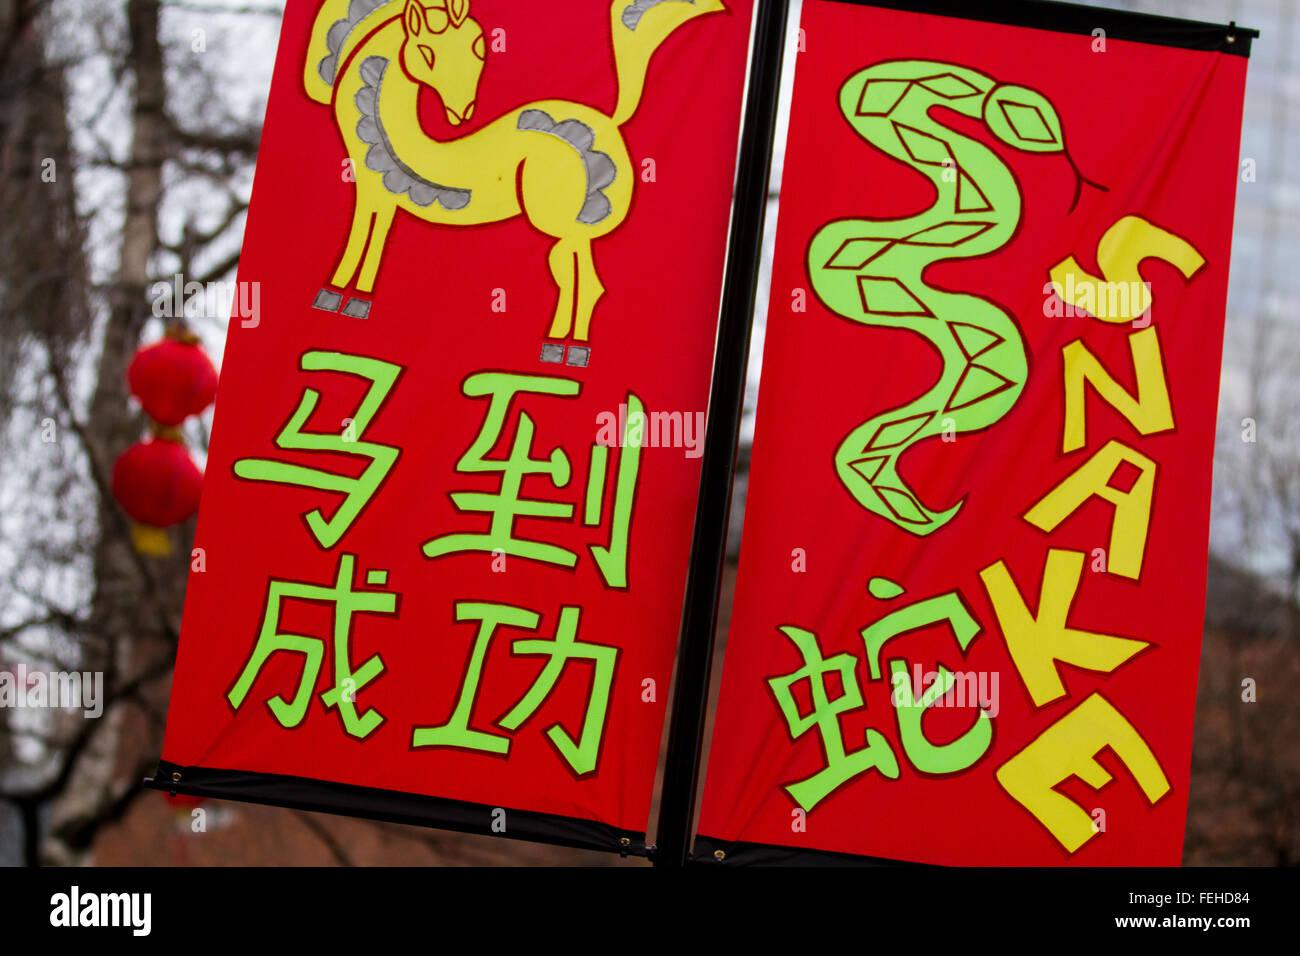 Kunst & Werk auf Frohes Neues Jahr Dekorationen, hängende Fahnen. Chinesische Zeichen Phase gute Vermögen zu bedeuten. Stockfoto